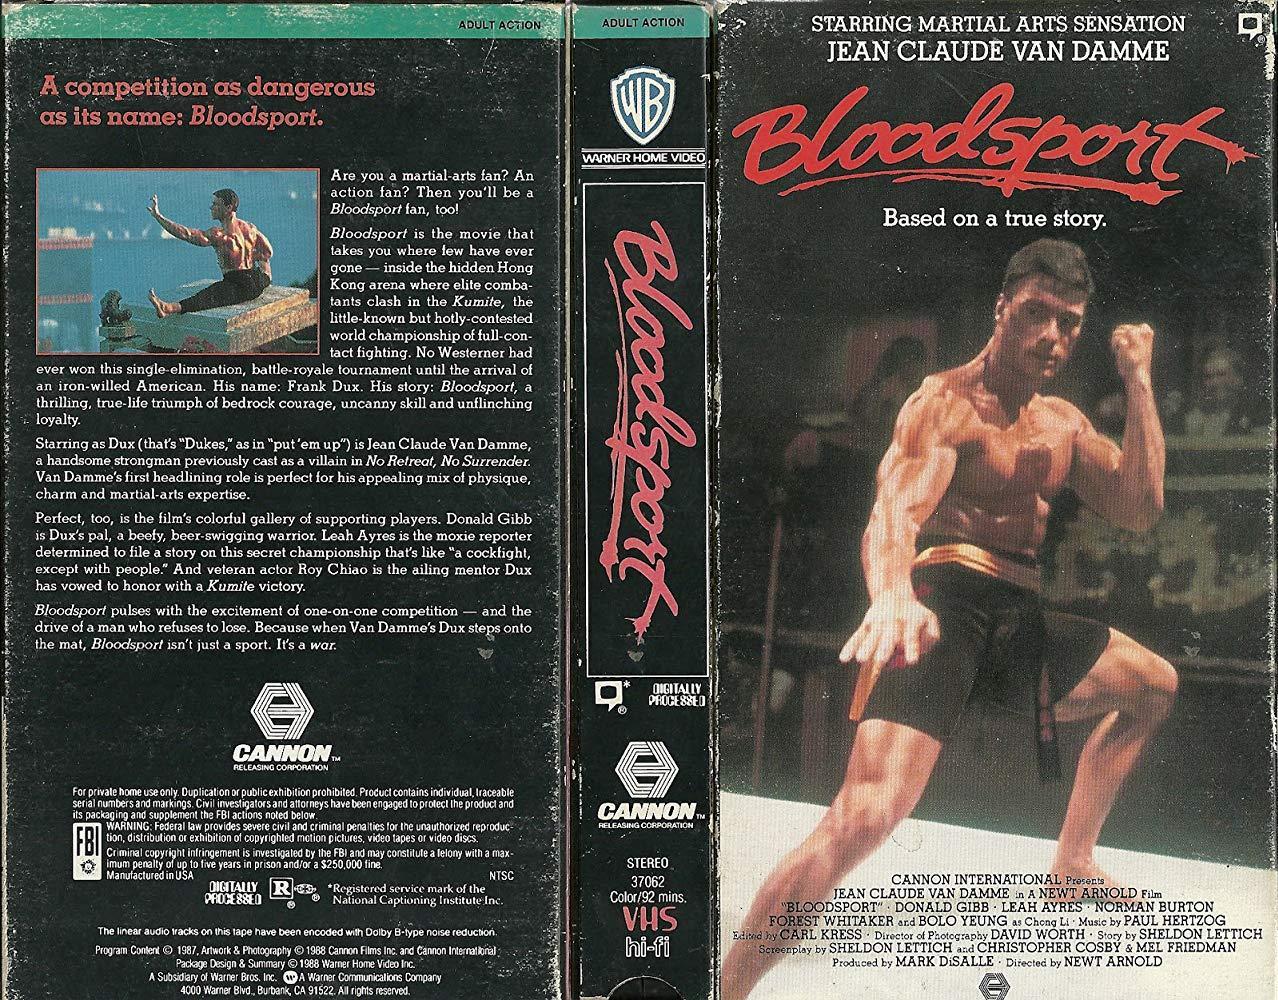 مشاهدة فيلم Bloodsport 1988 HD مترجم كامل اون لاين